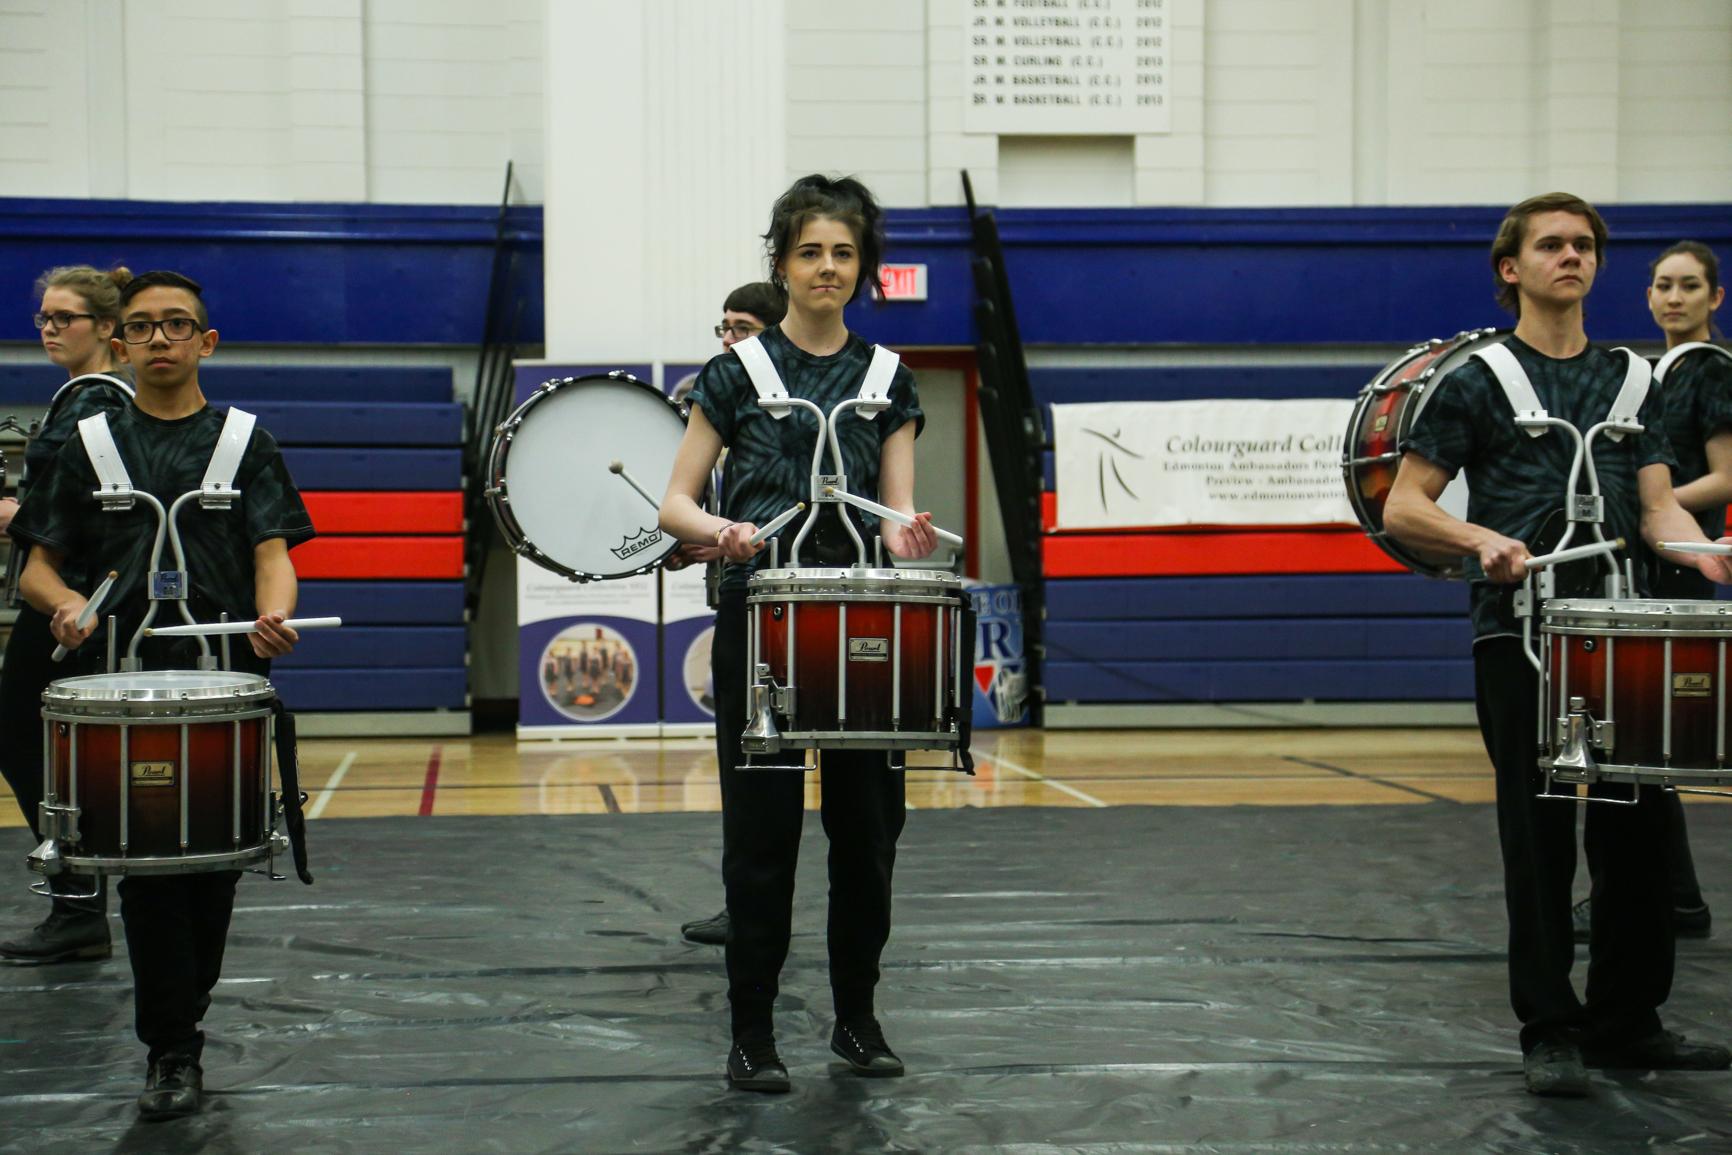 Impact Drumline